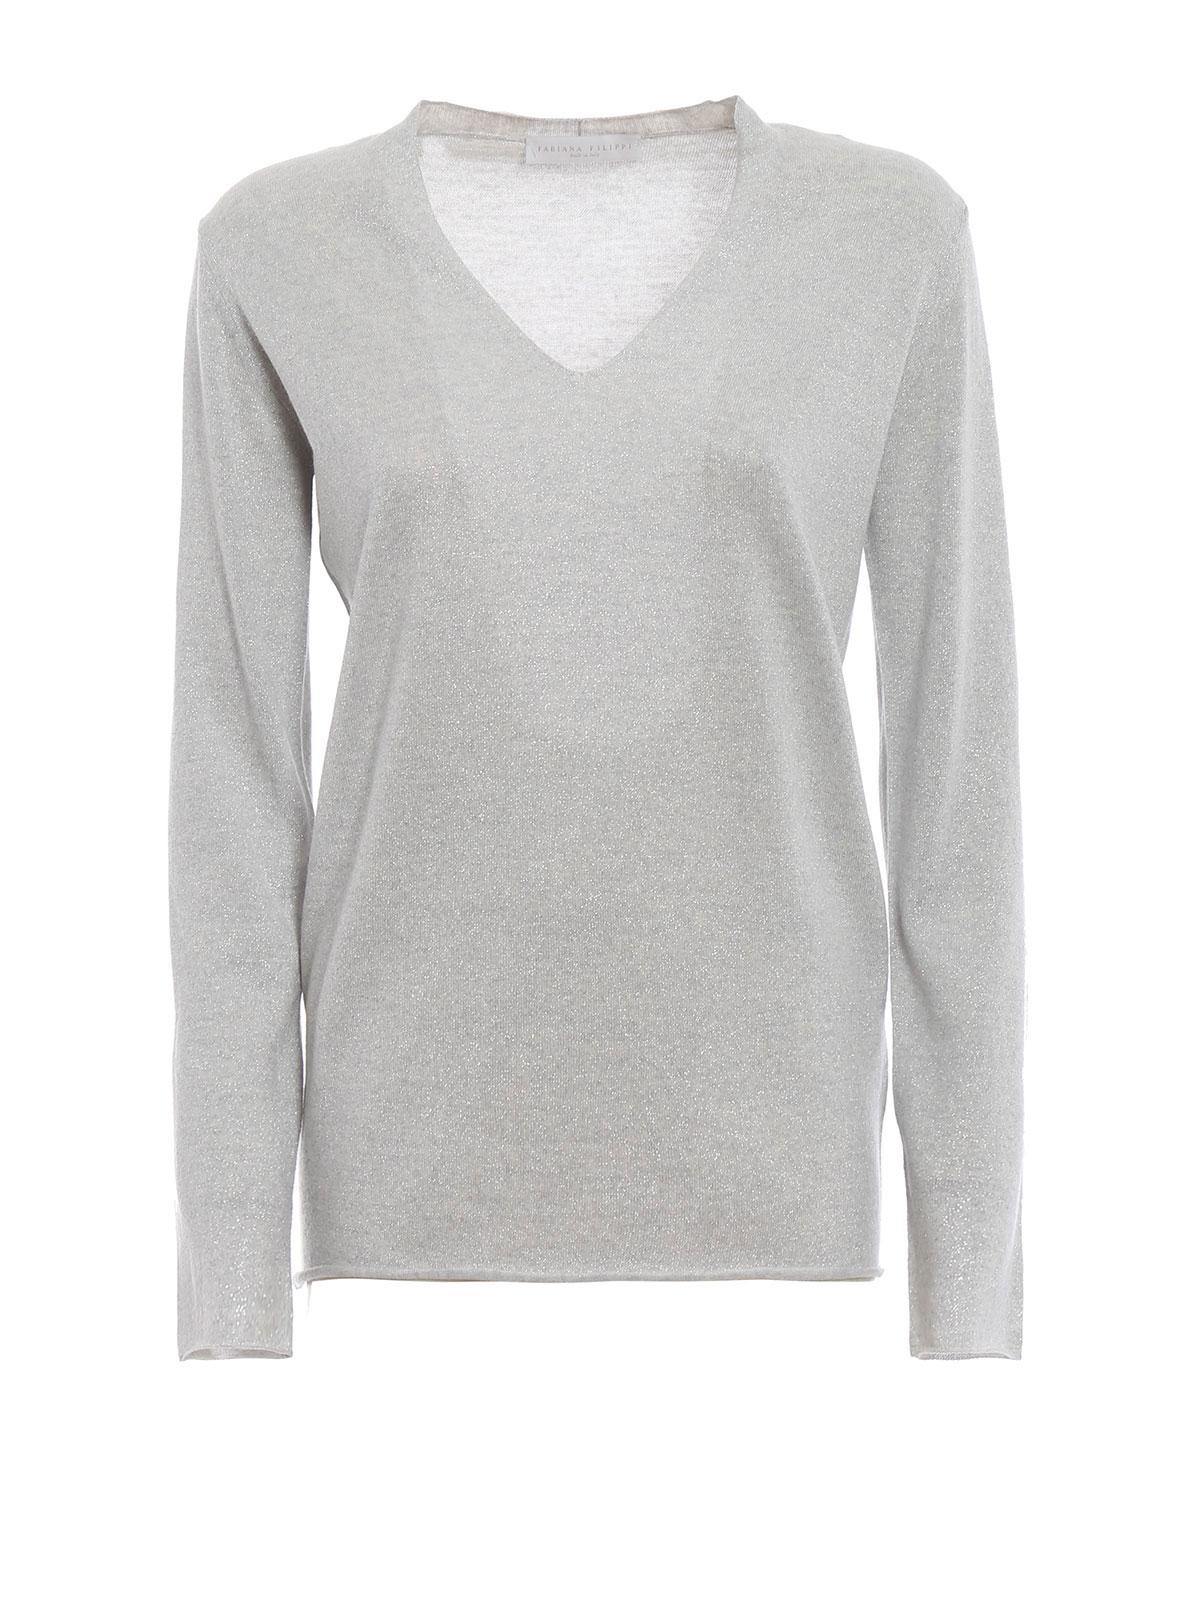 4e81fd8dbb Fabiana Filippi - Merino wool and lurex V-neck sweater - v necks ...